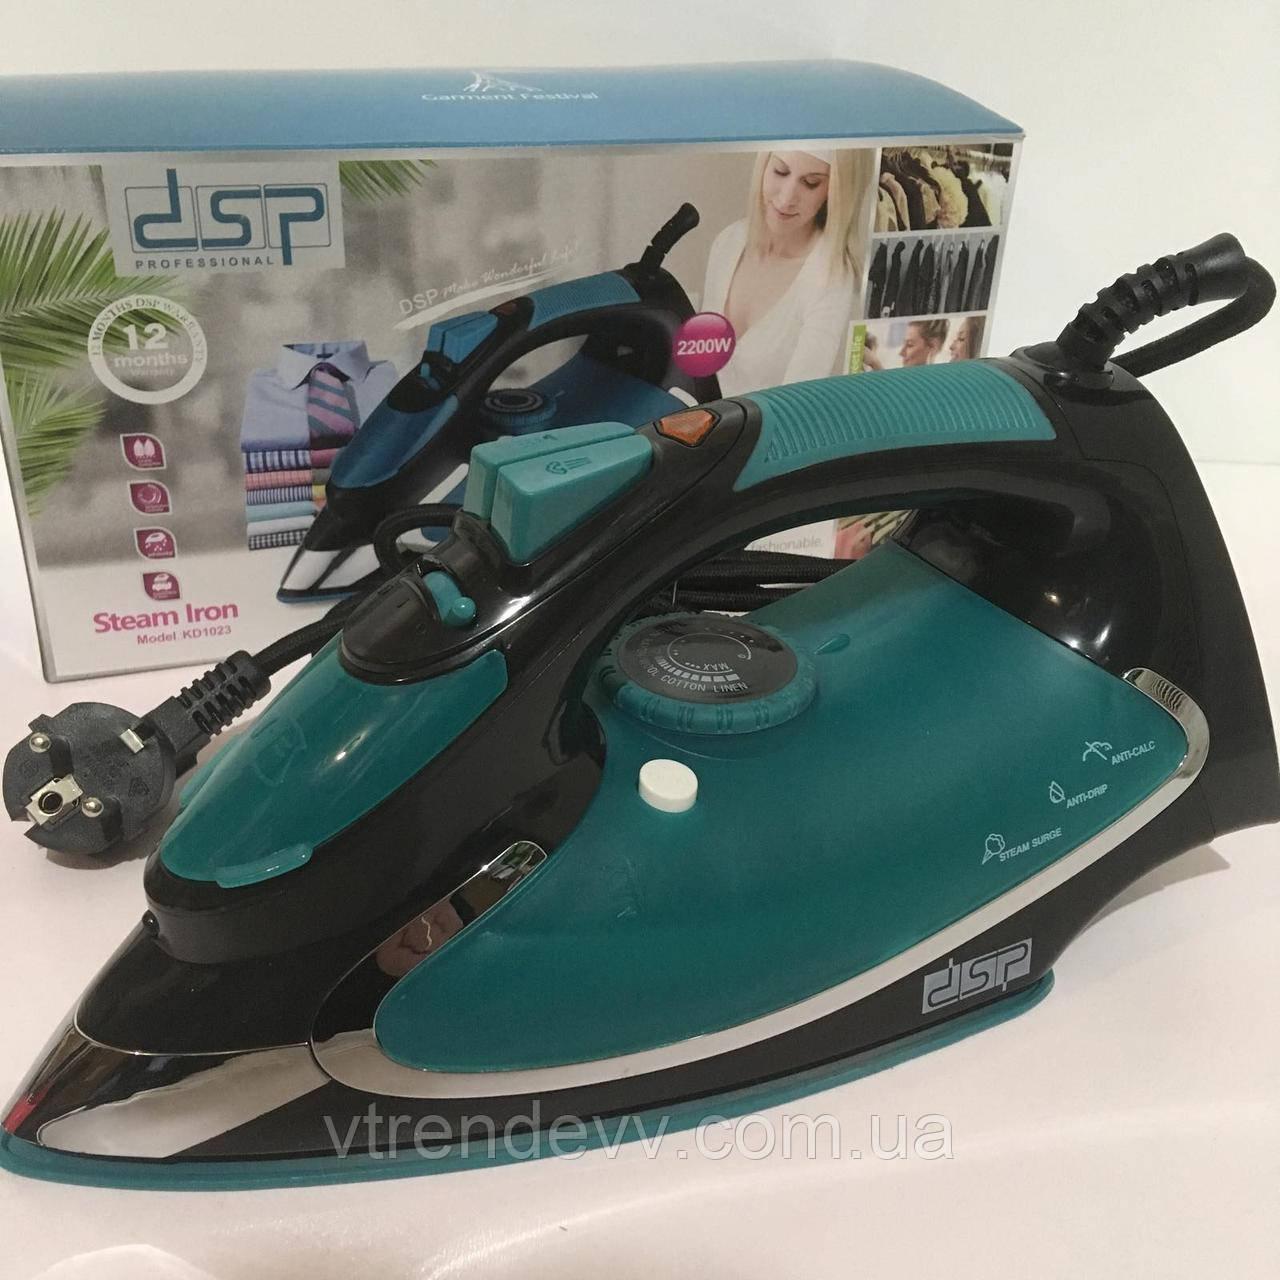 Утюг DSP 220V/2200W KD 1023 green